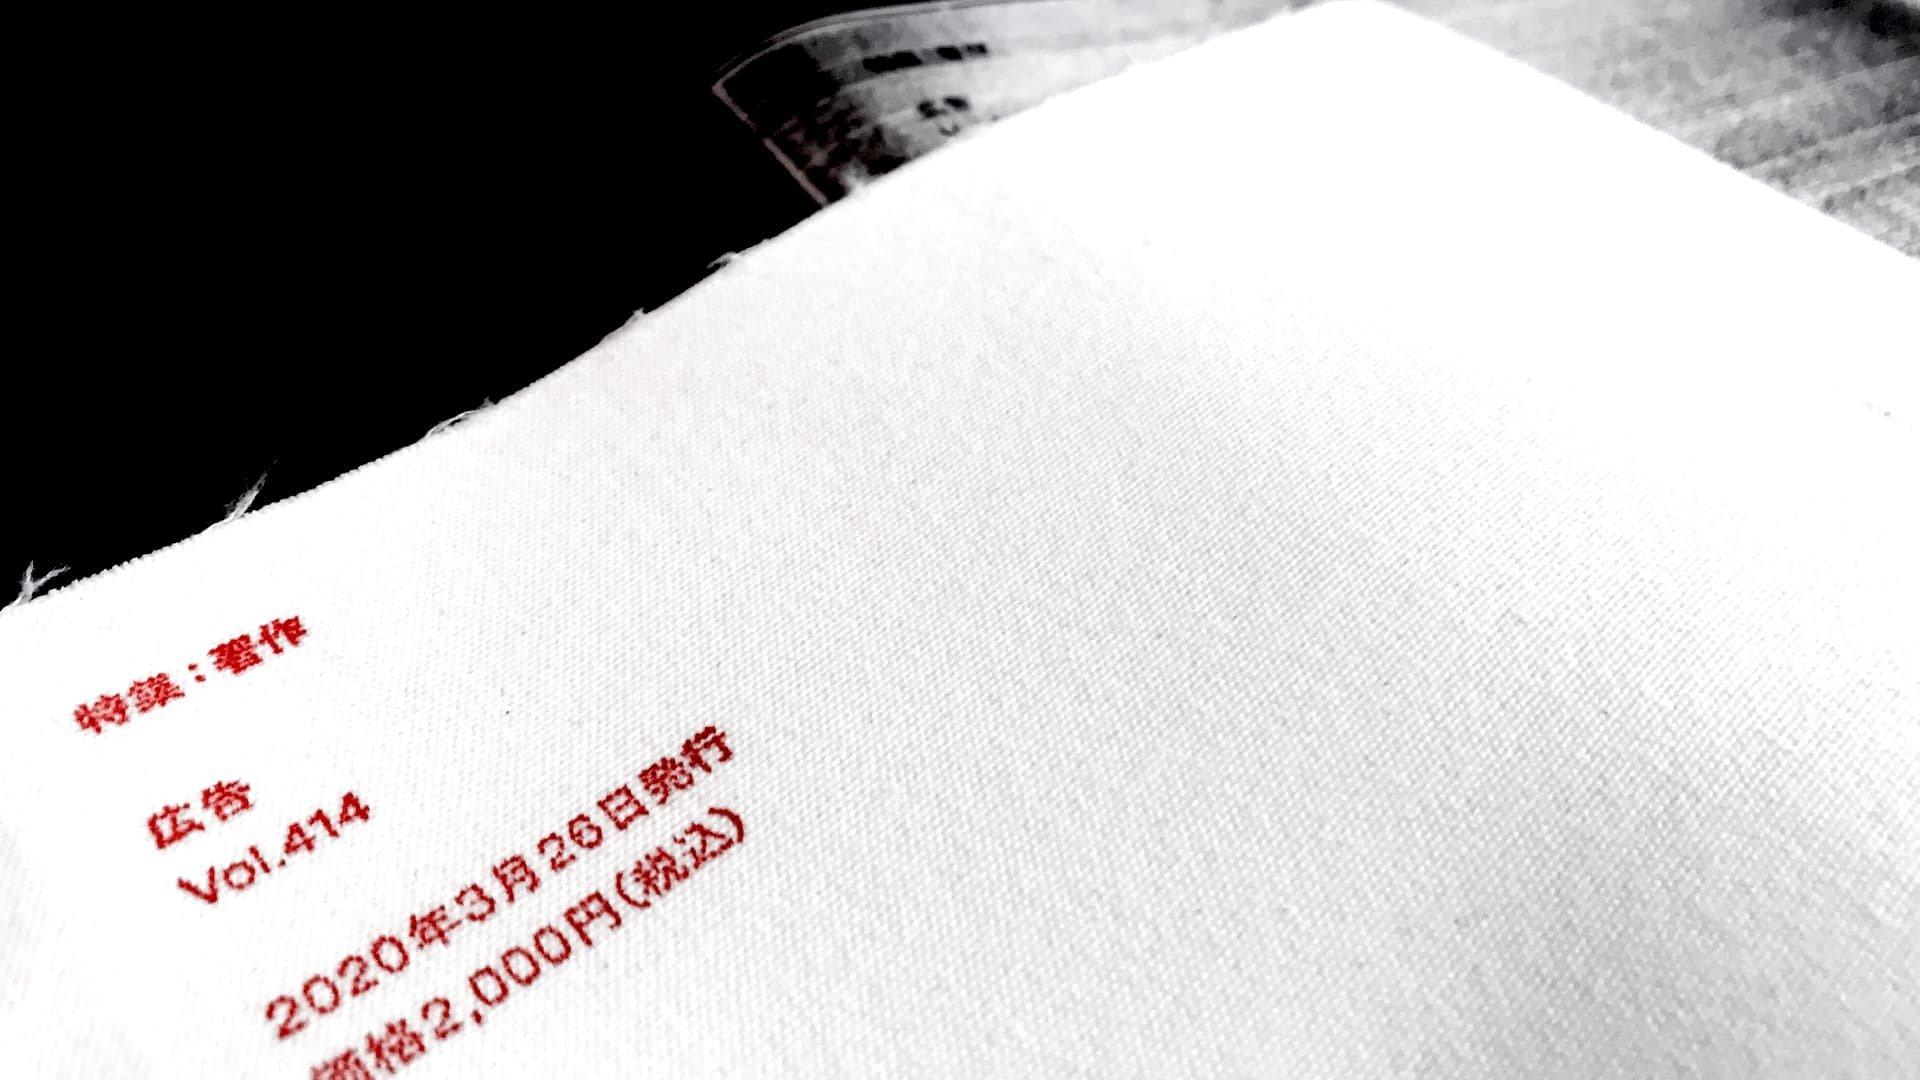 博報堂『広告』の野心的実験に欠けたもの 「パクリ」という表現の座りの悪さ